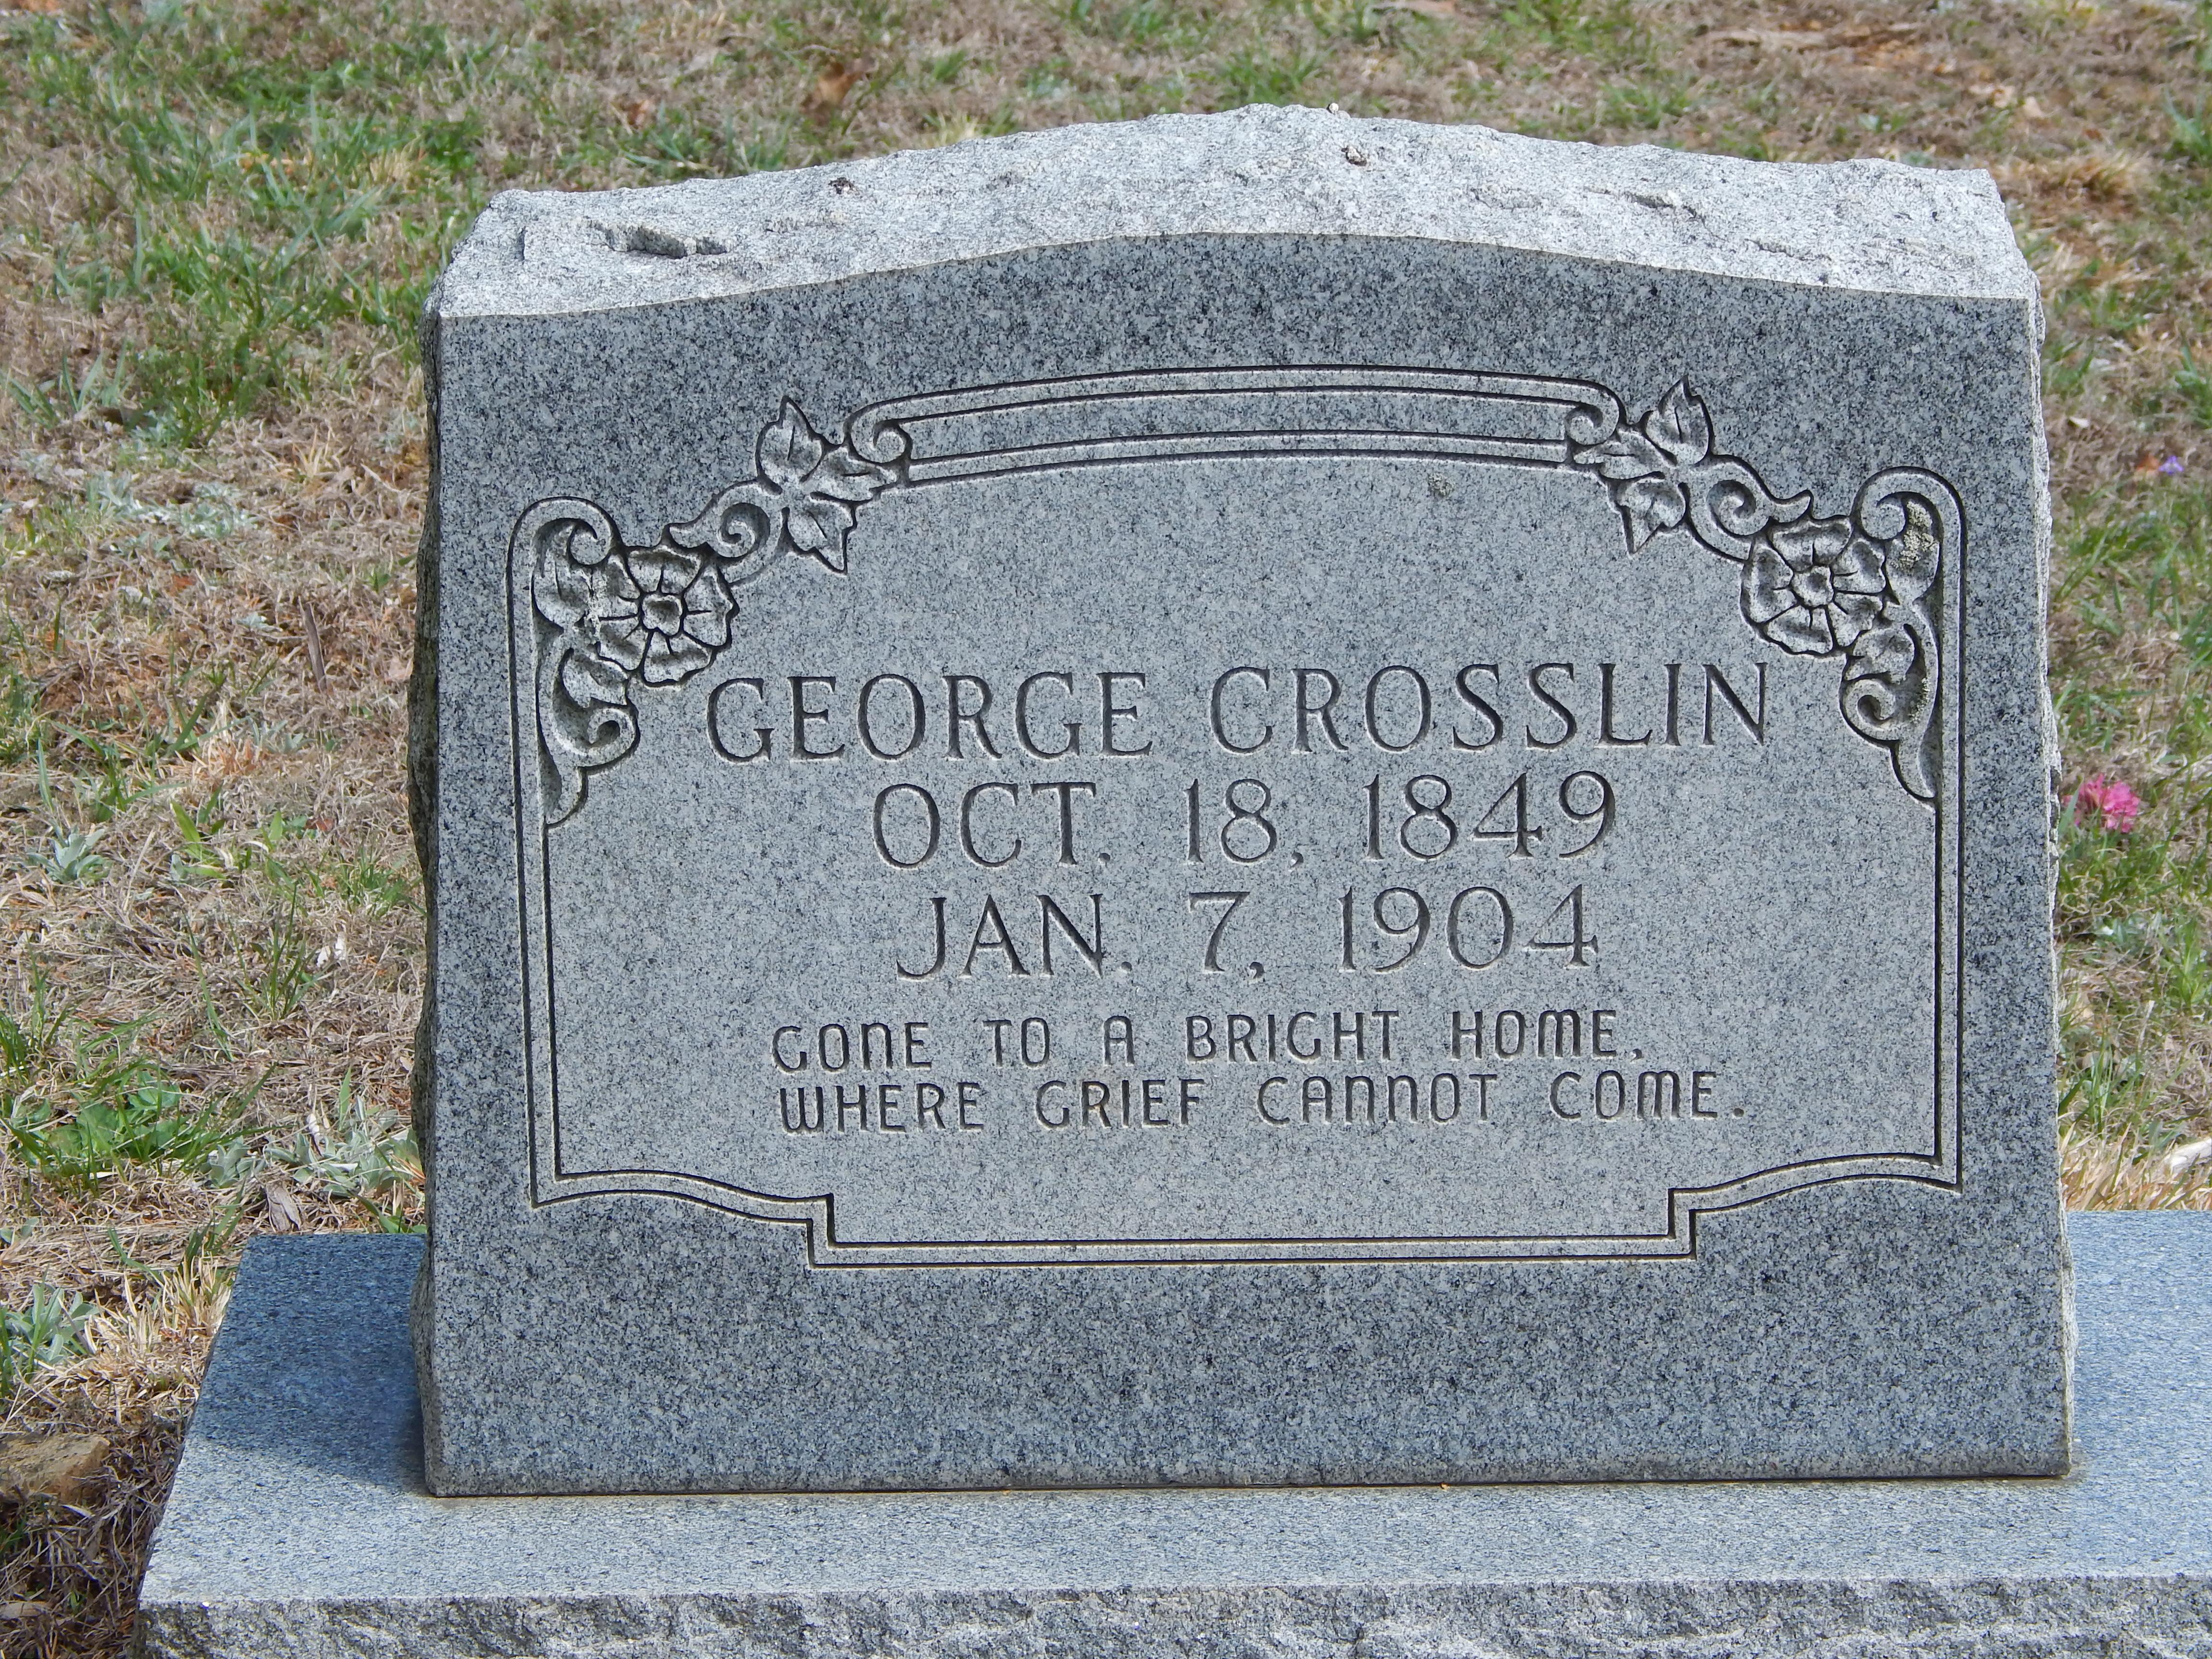 George Crosslin